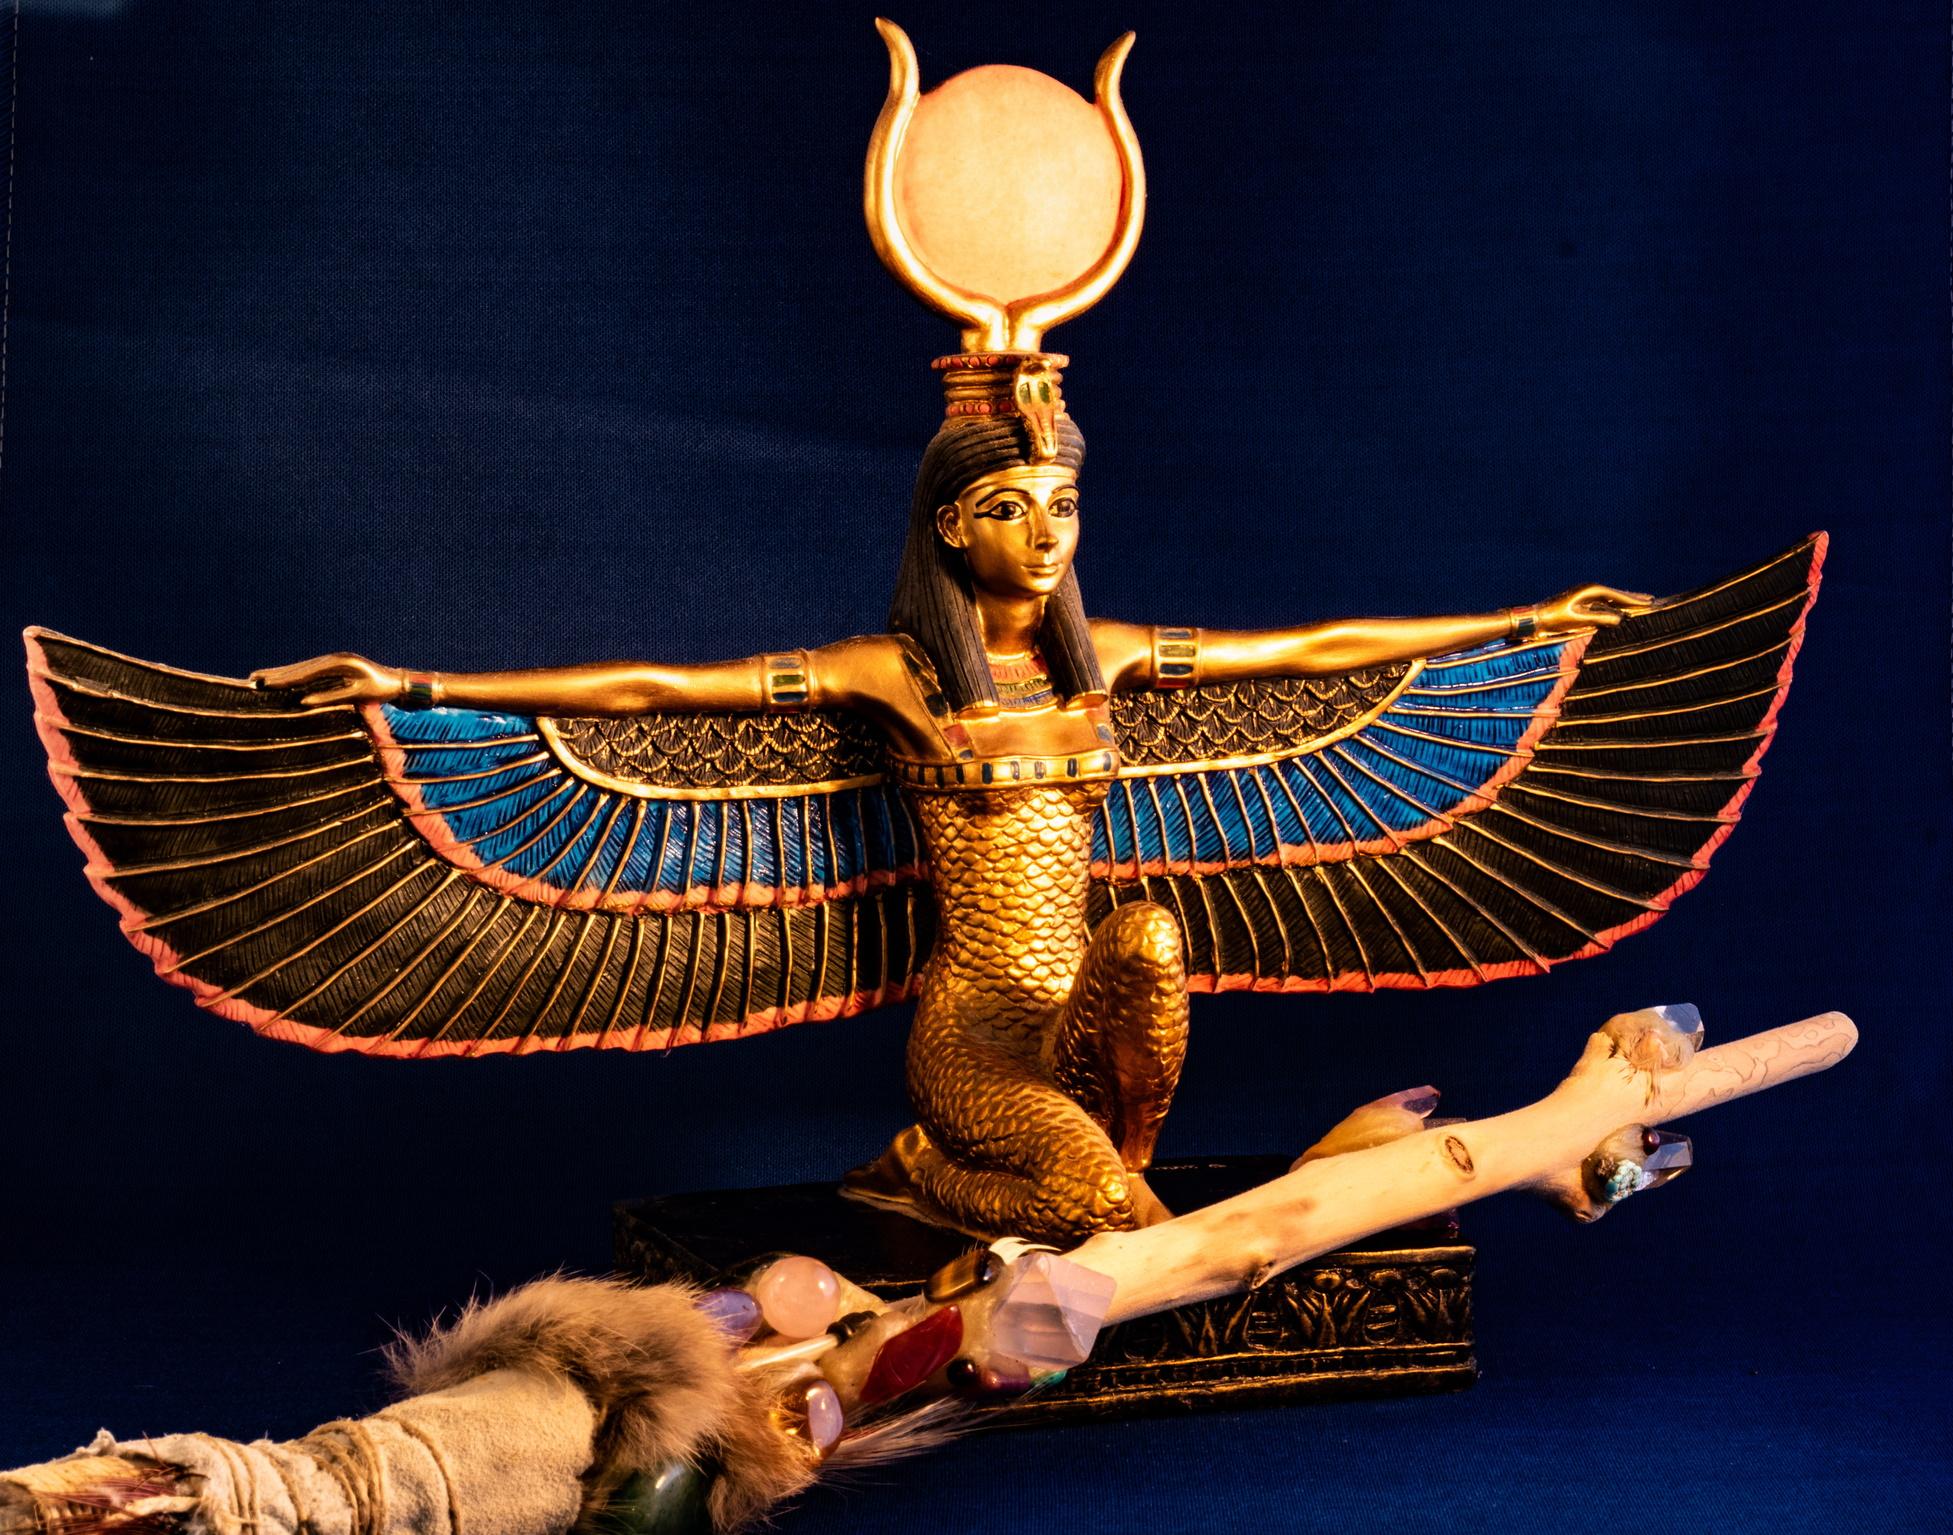 <p><strong>Изида &ndash; богиня на магията на историята, на семейството, символ на мъдростта и брачната вярност на съпругата към мъжа, дори и след смъртта му &ndash; Риби</strong></p>  <p>Хората под знака на Изида са директни и обичат да минават директно на въпроса, те са много енергични и игриви, с голямо чувство за хумор.</p>